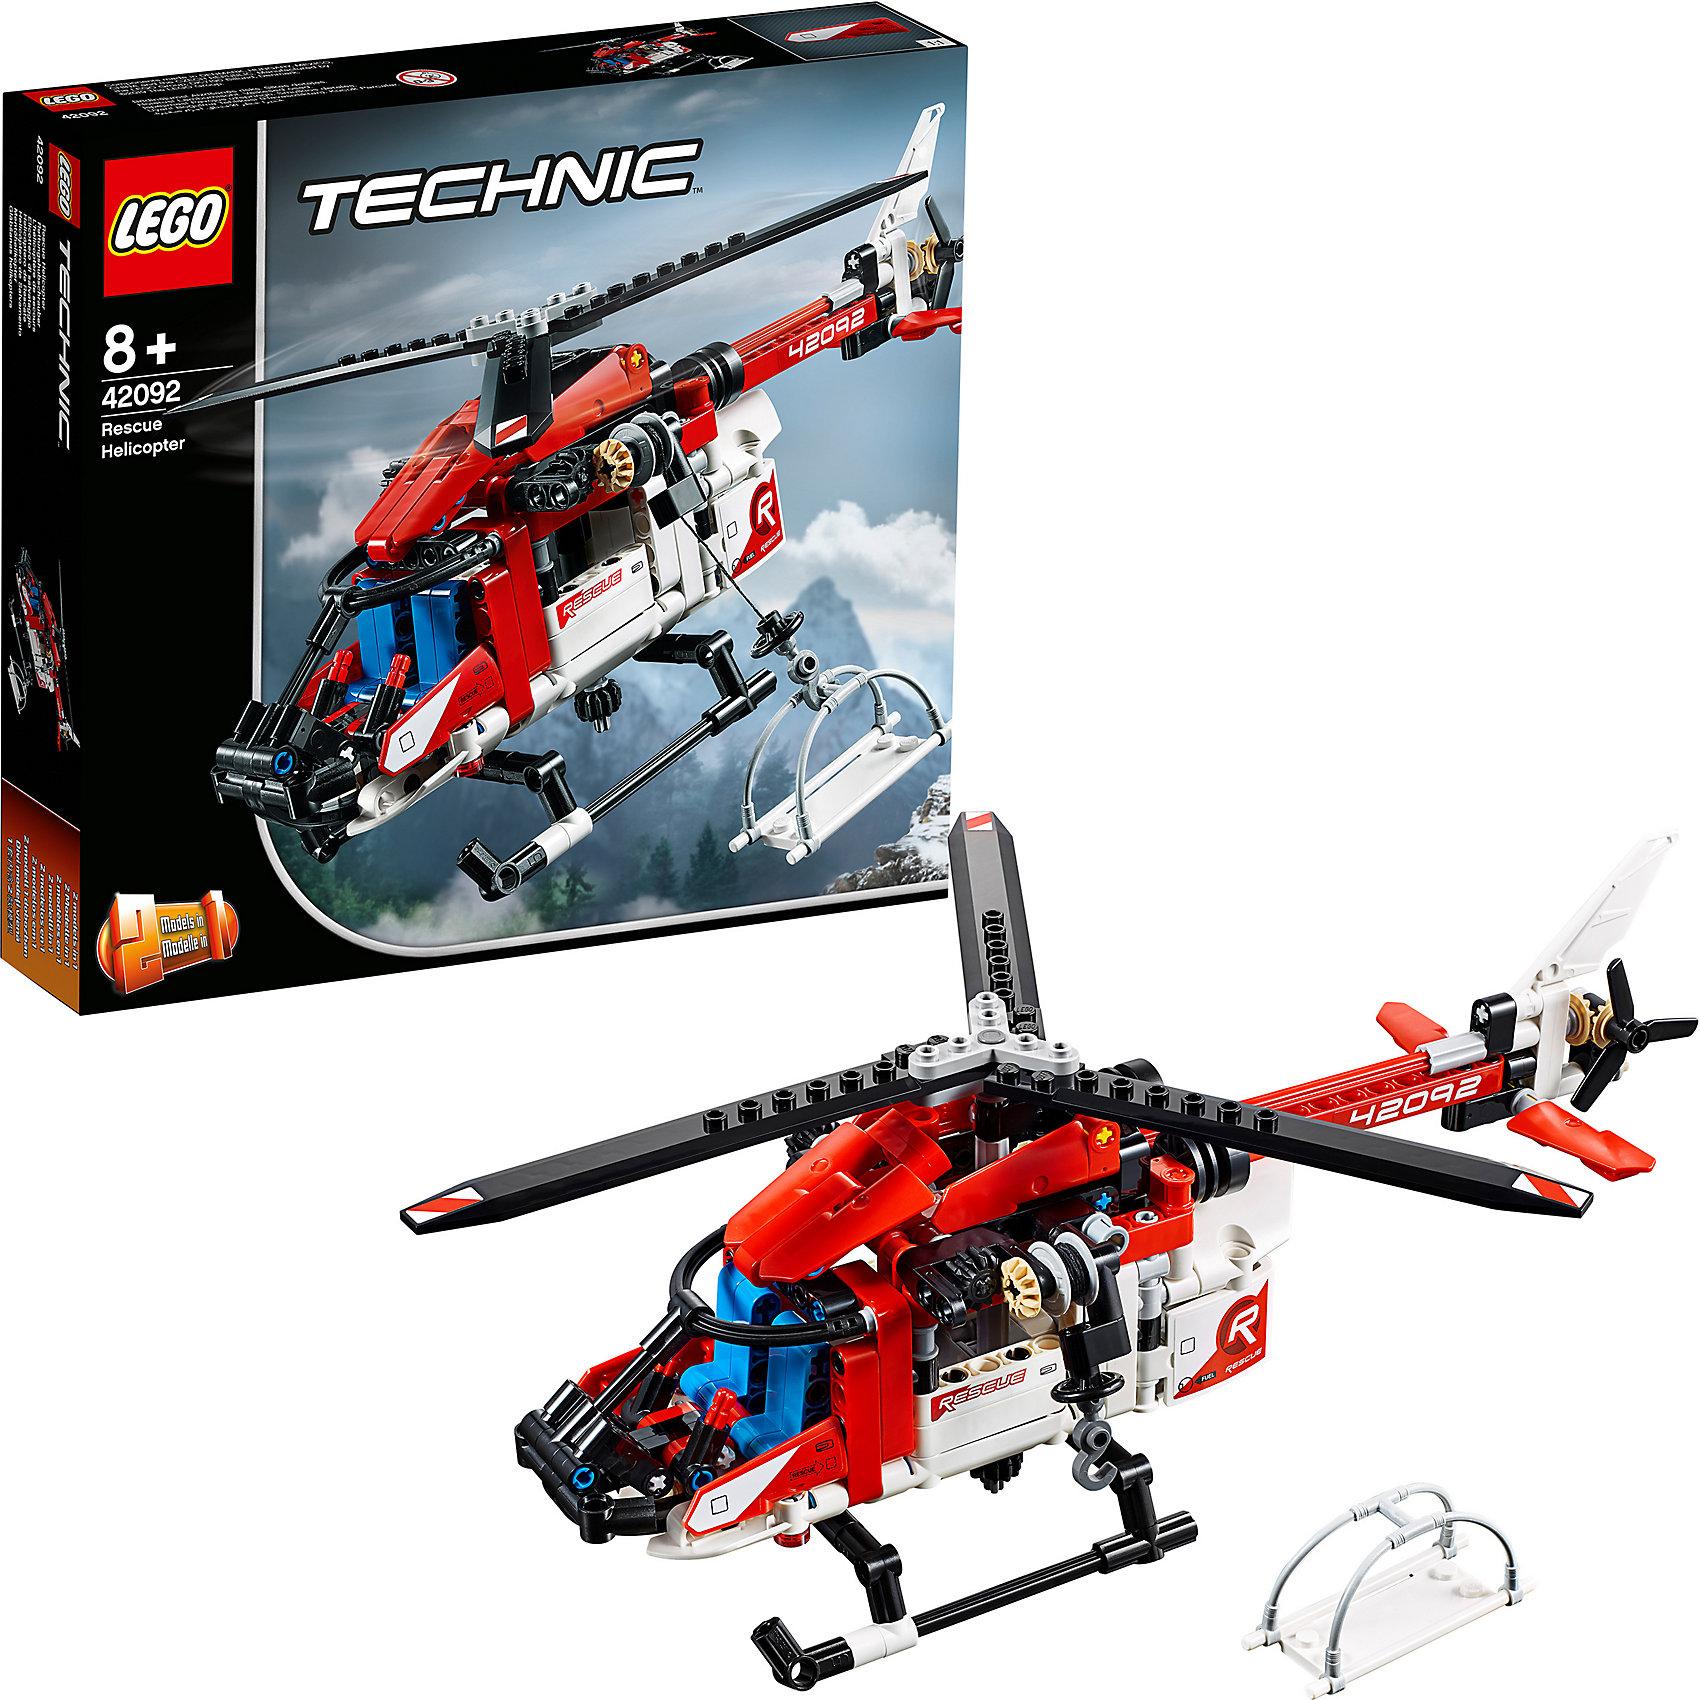 вертолет конструктор картинки сегодня немного, поймите